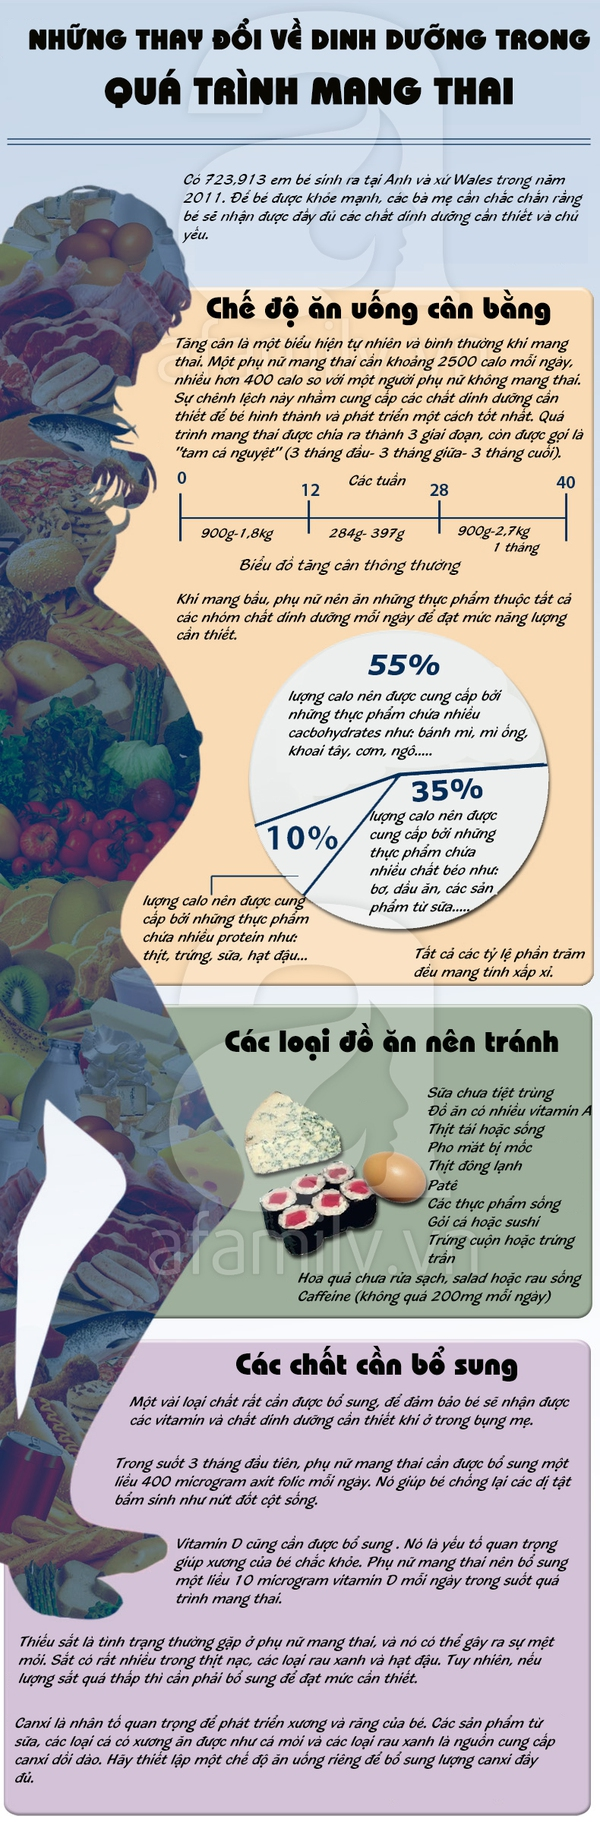 Những thay đổi về dinh dưỡng mẹ bầu cần lưu ý khi mang thai 1